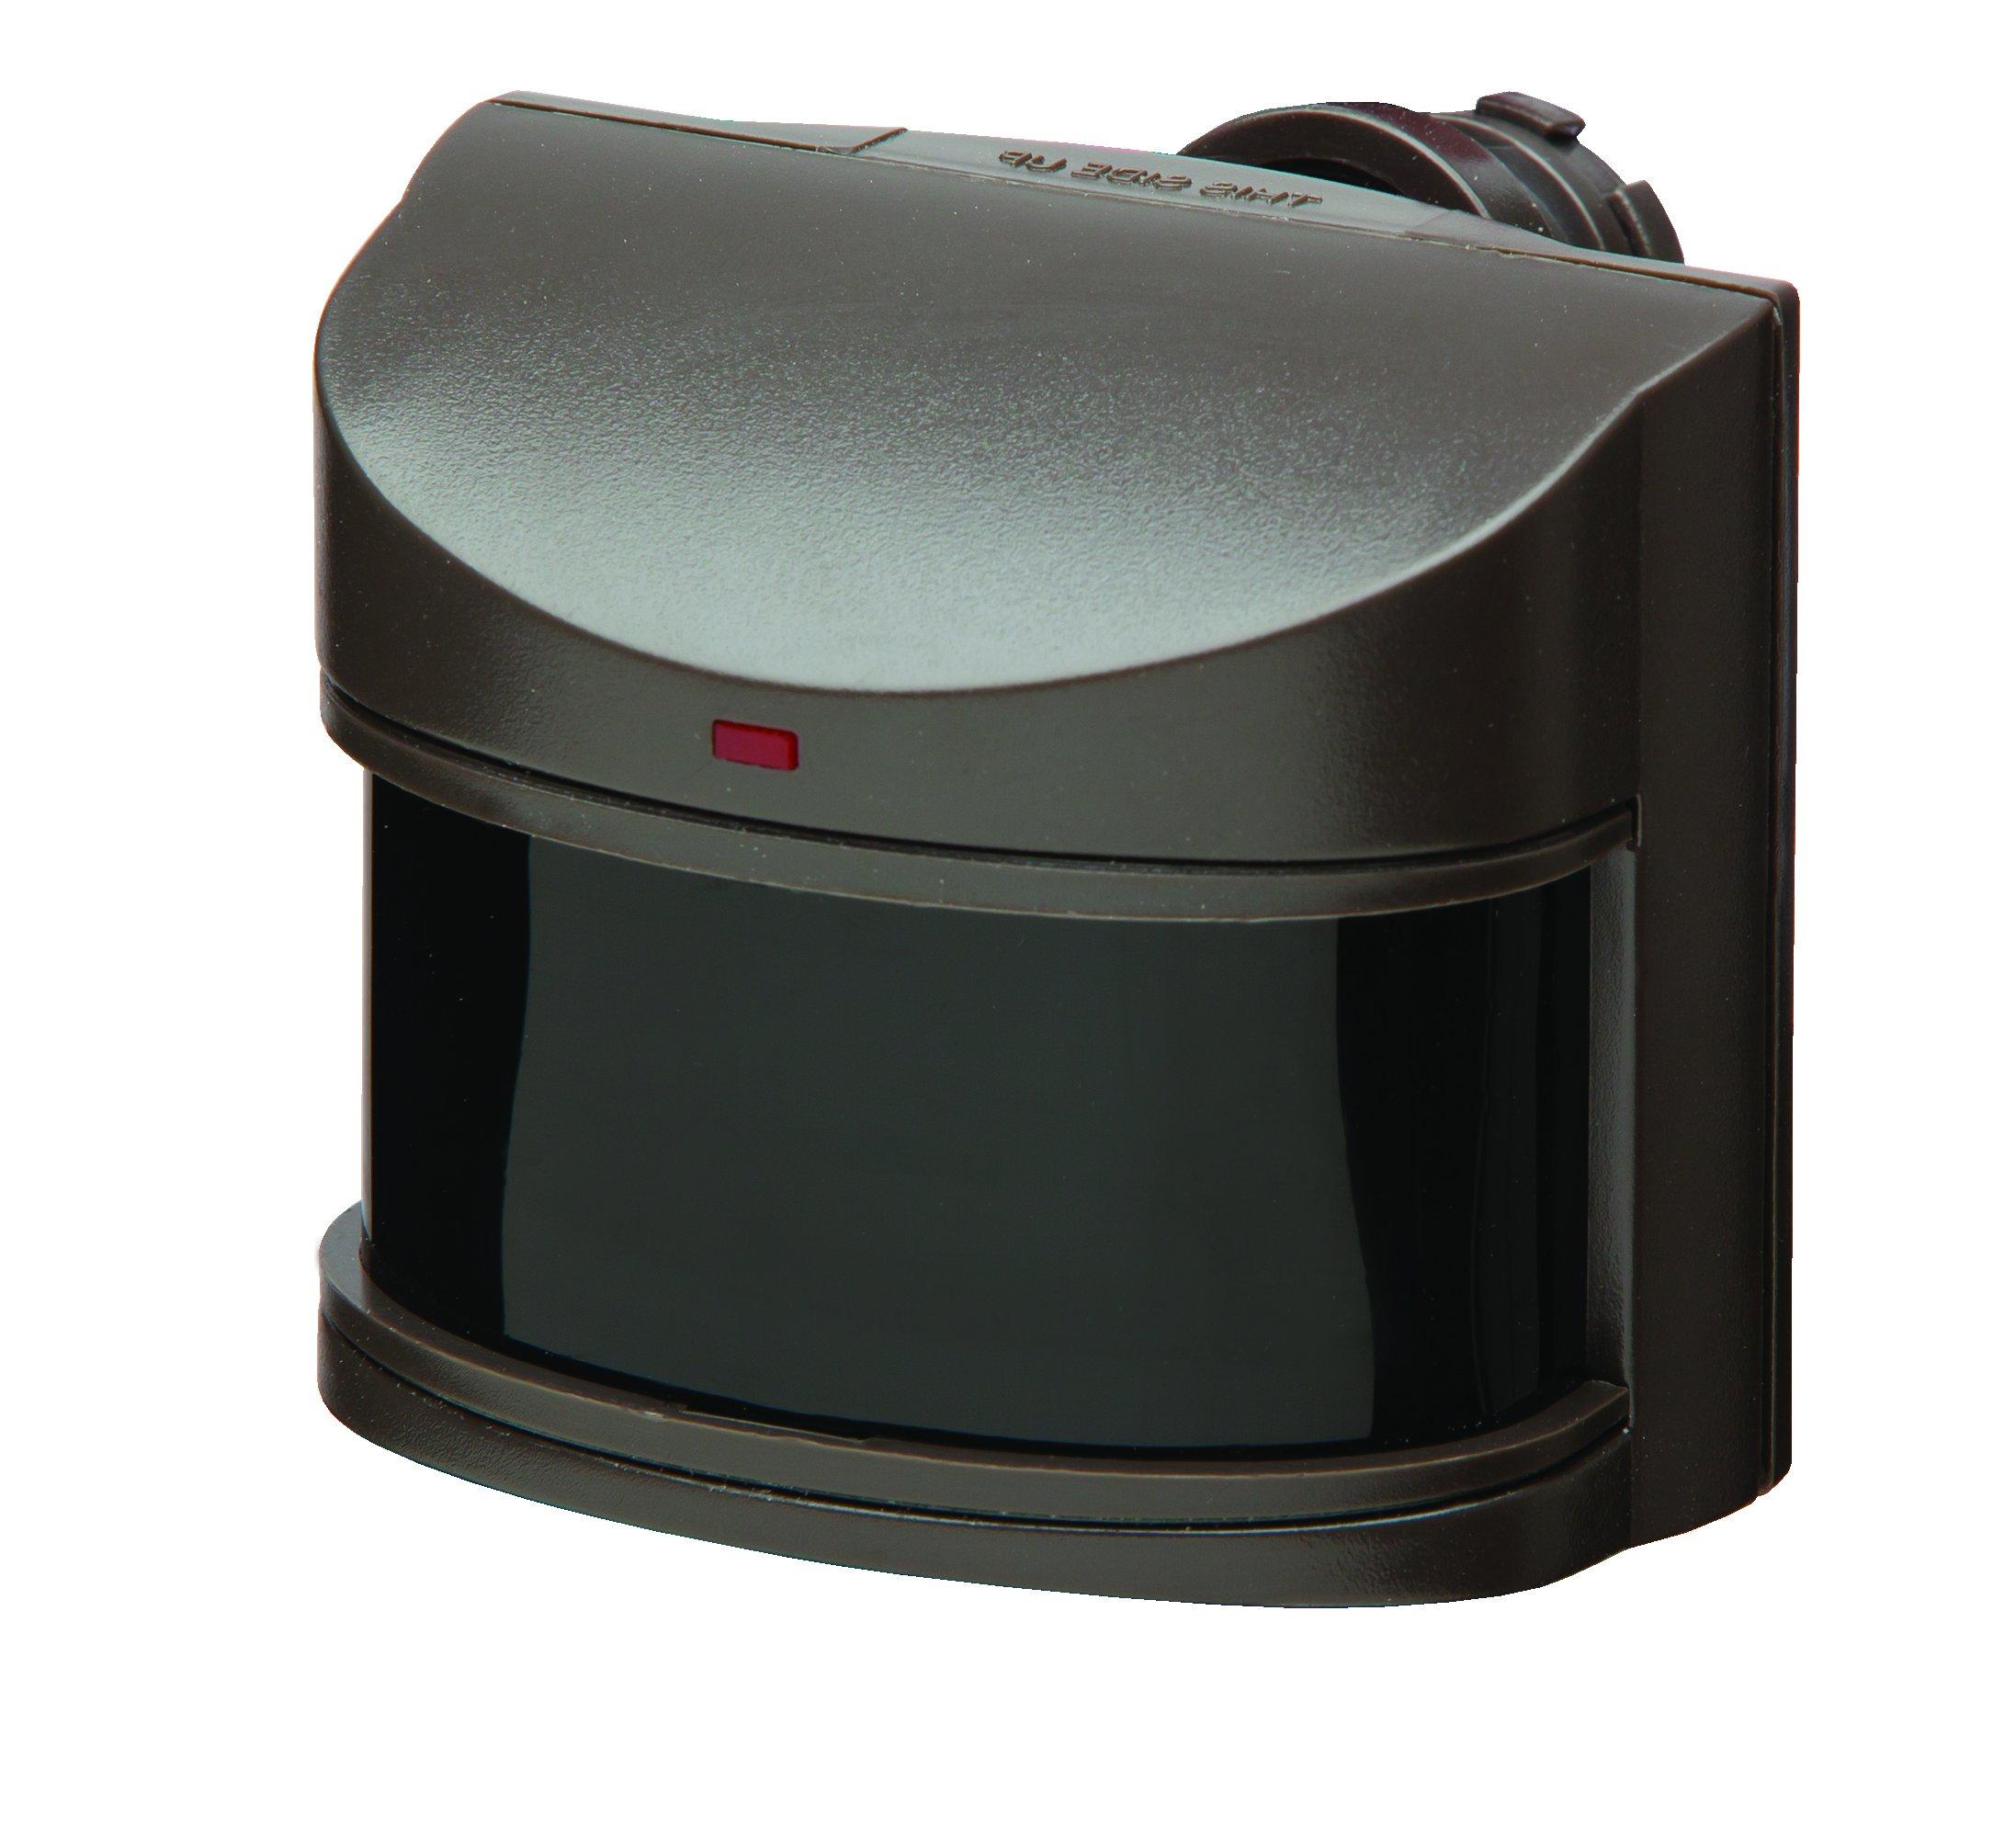 Best Rated In Motion Detectors Helpful Customer Reviews Sensor Light Wiring Heath Zenith Hz 5316 Bz Deluxe Replacement With Dualbrite Bronze